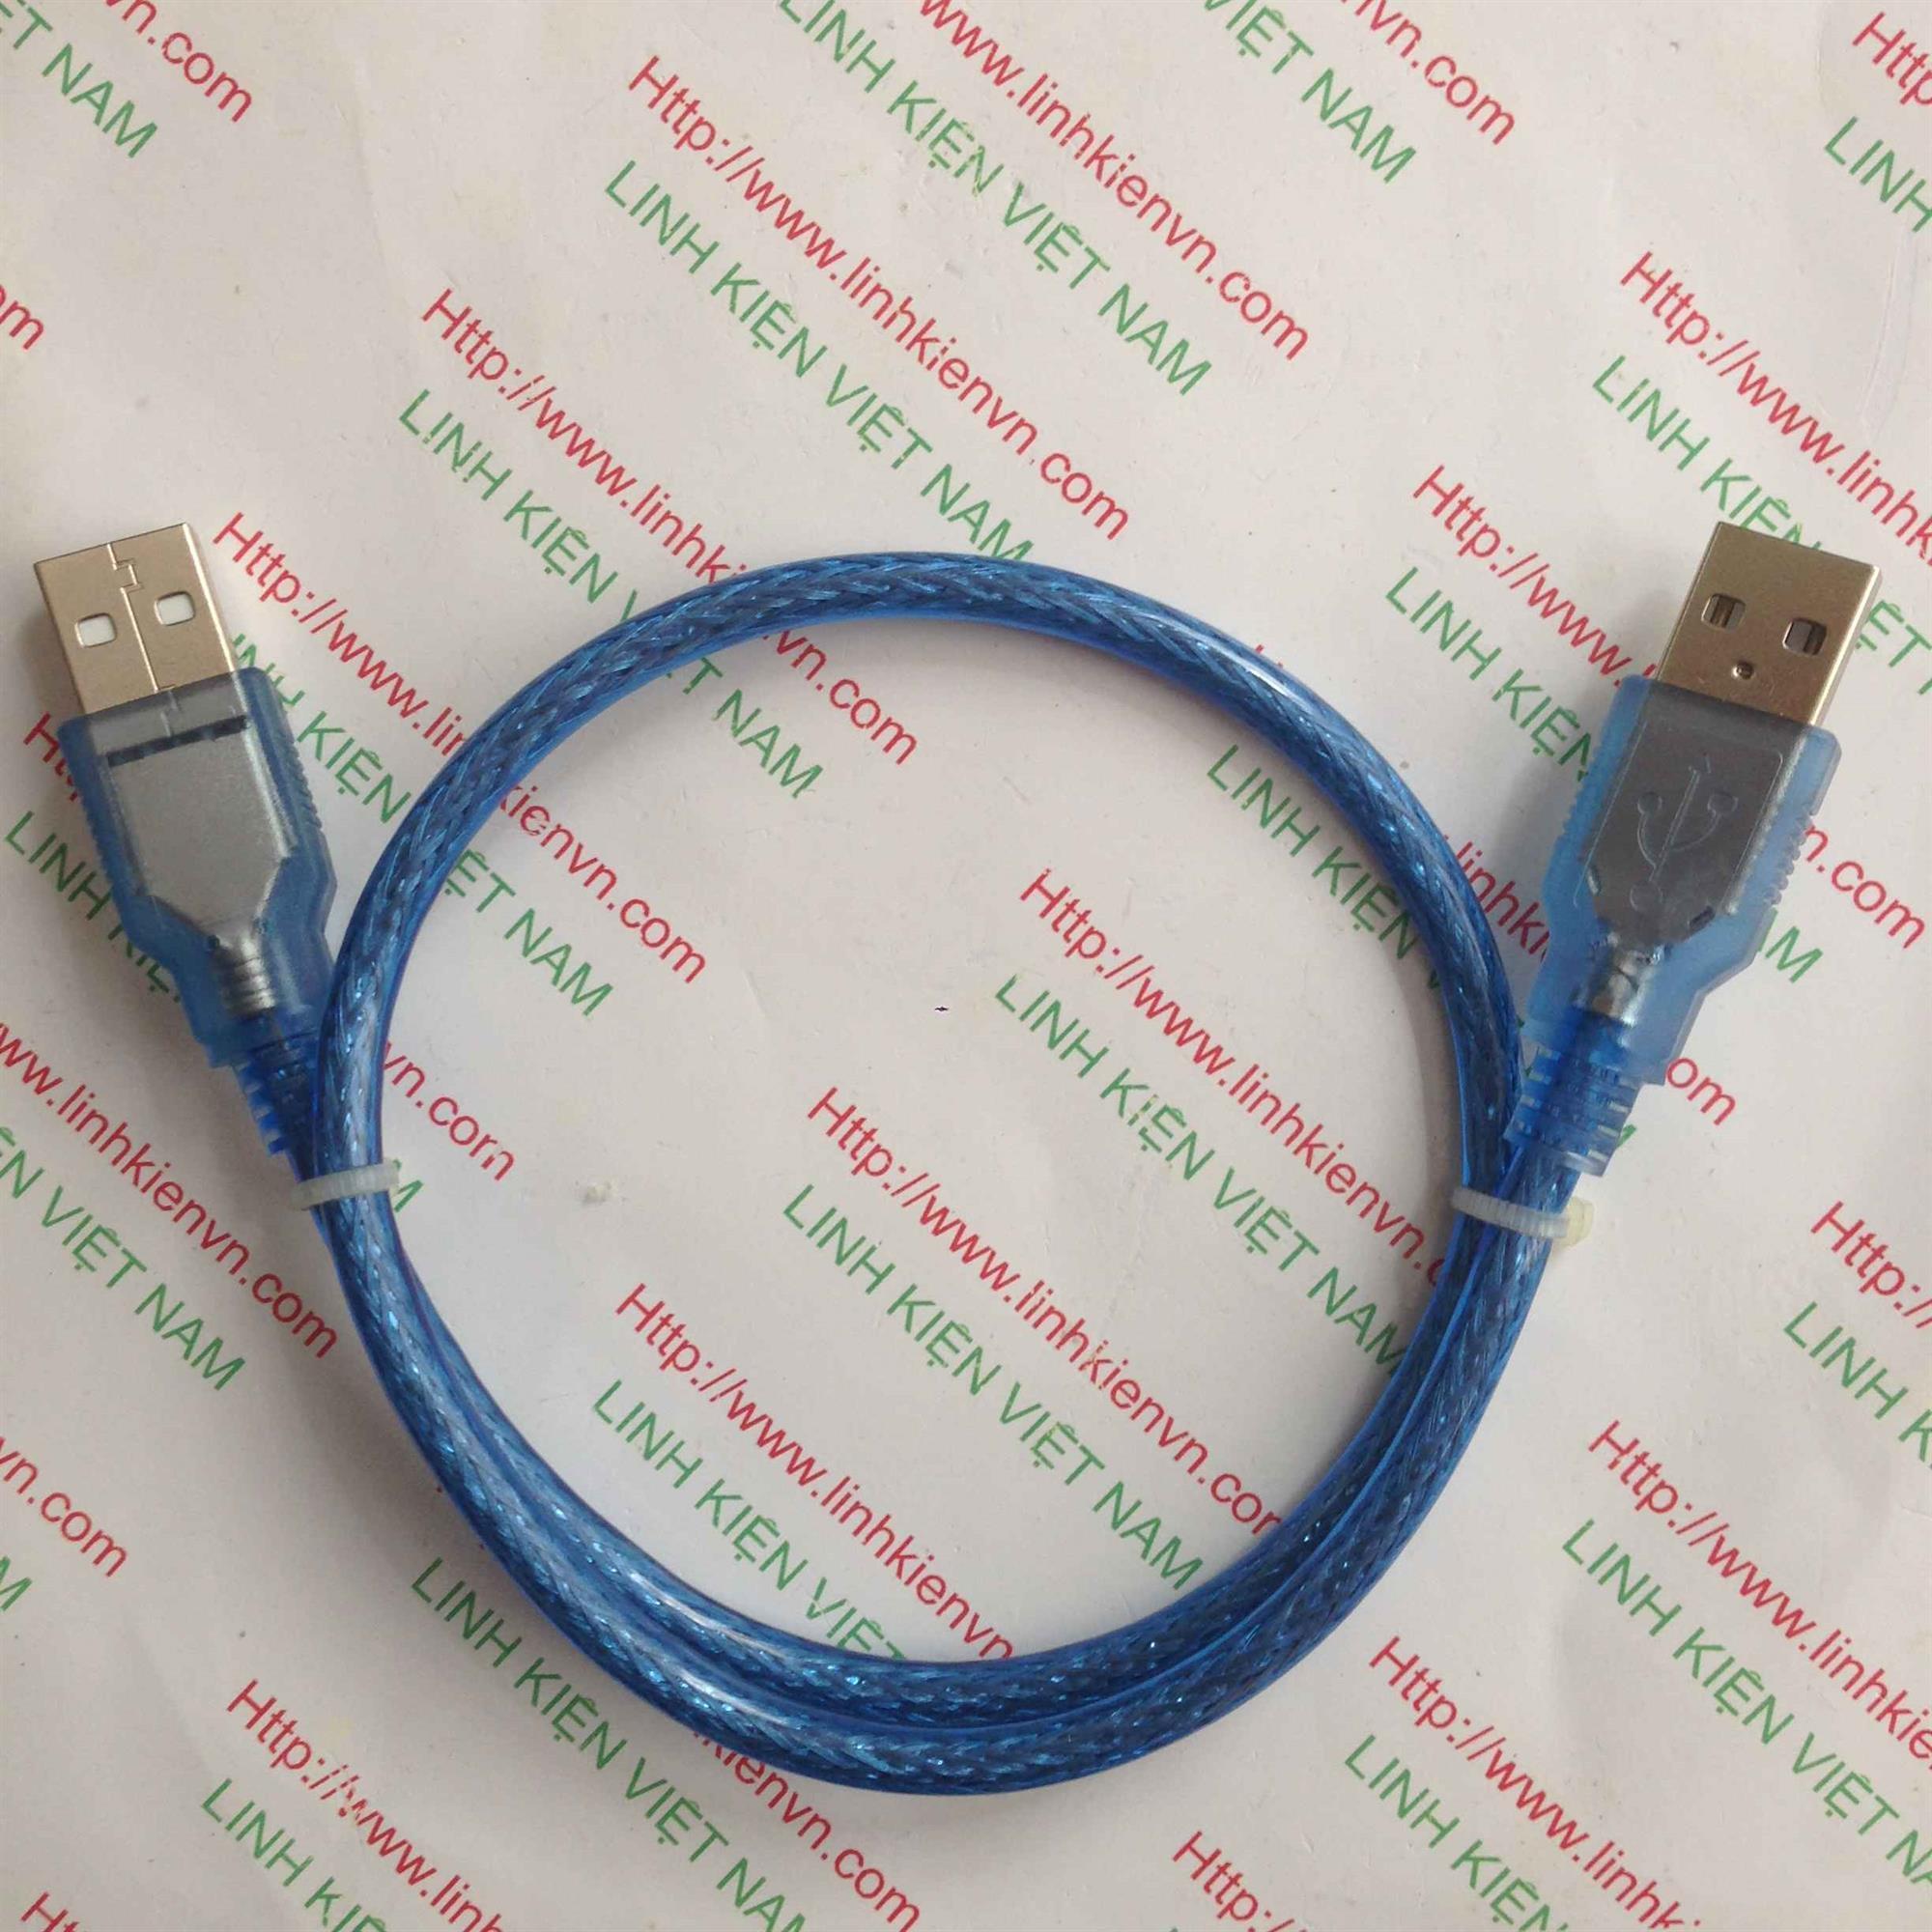 Dây cáp USB HAI ĐẦU ĐỰC - GIÁ